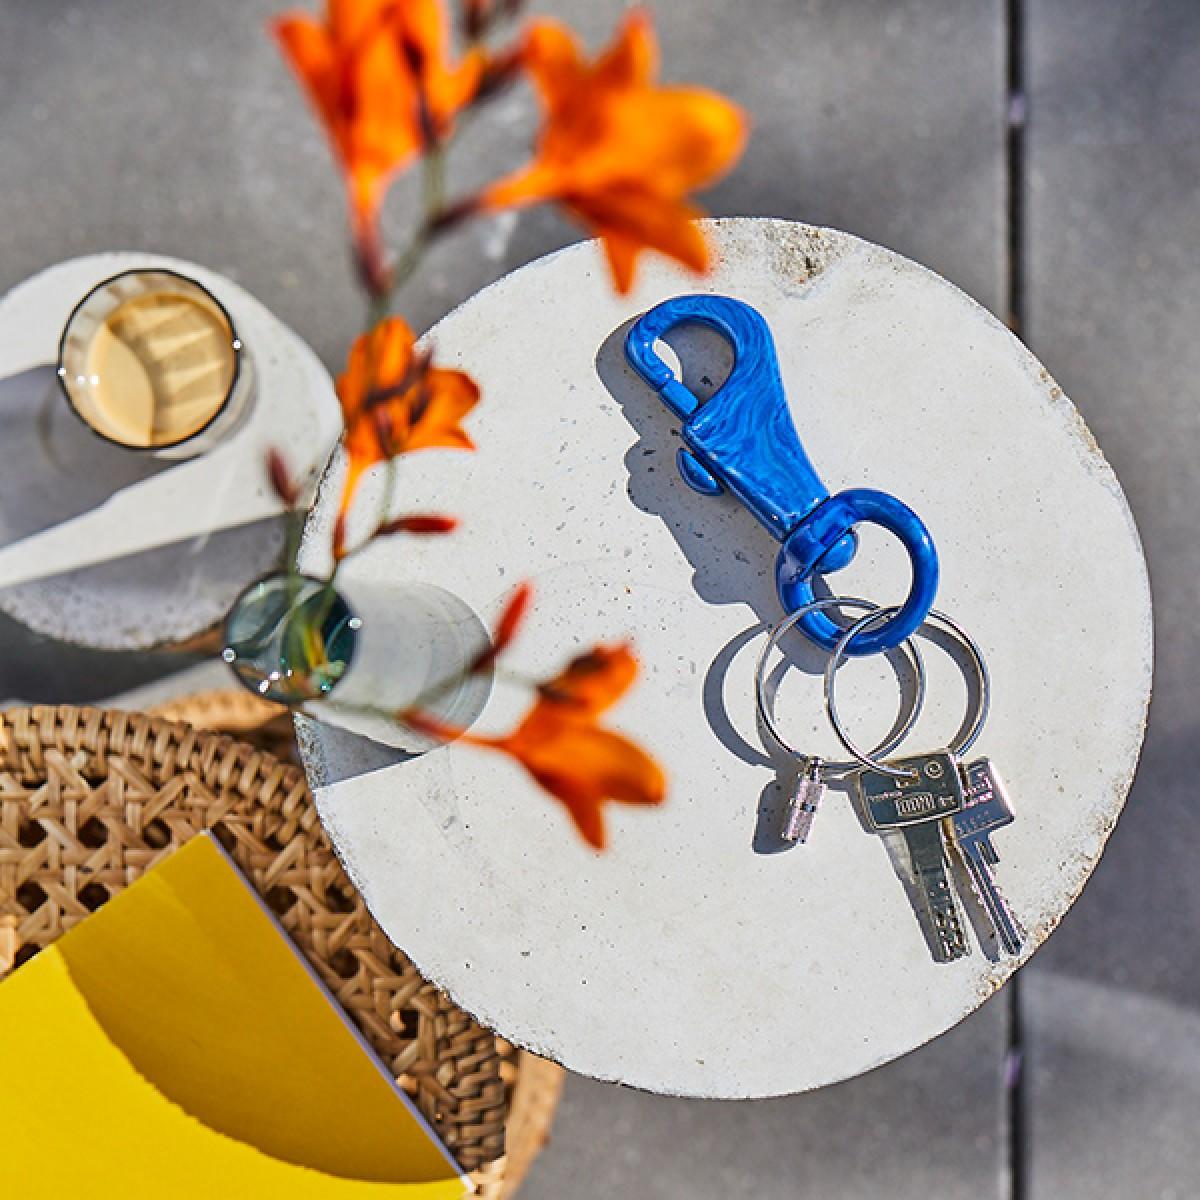 FÚ_CLIP keyring Schlüsselanhänger in navy marbled